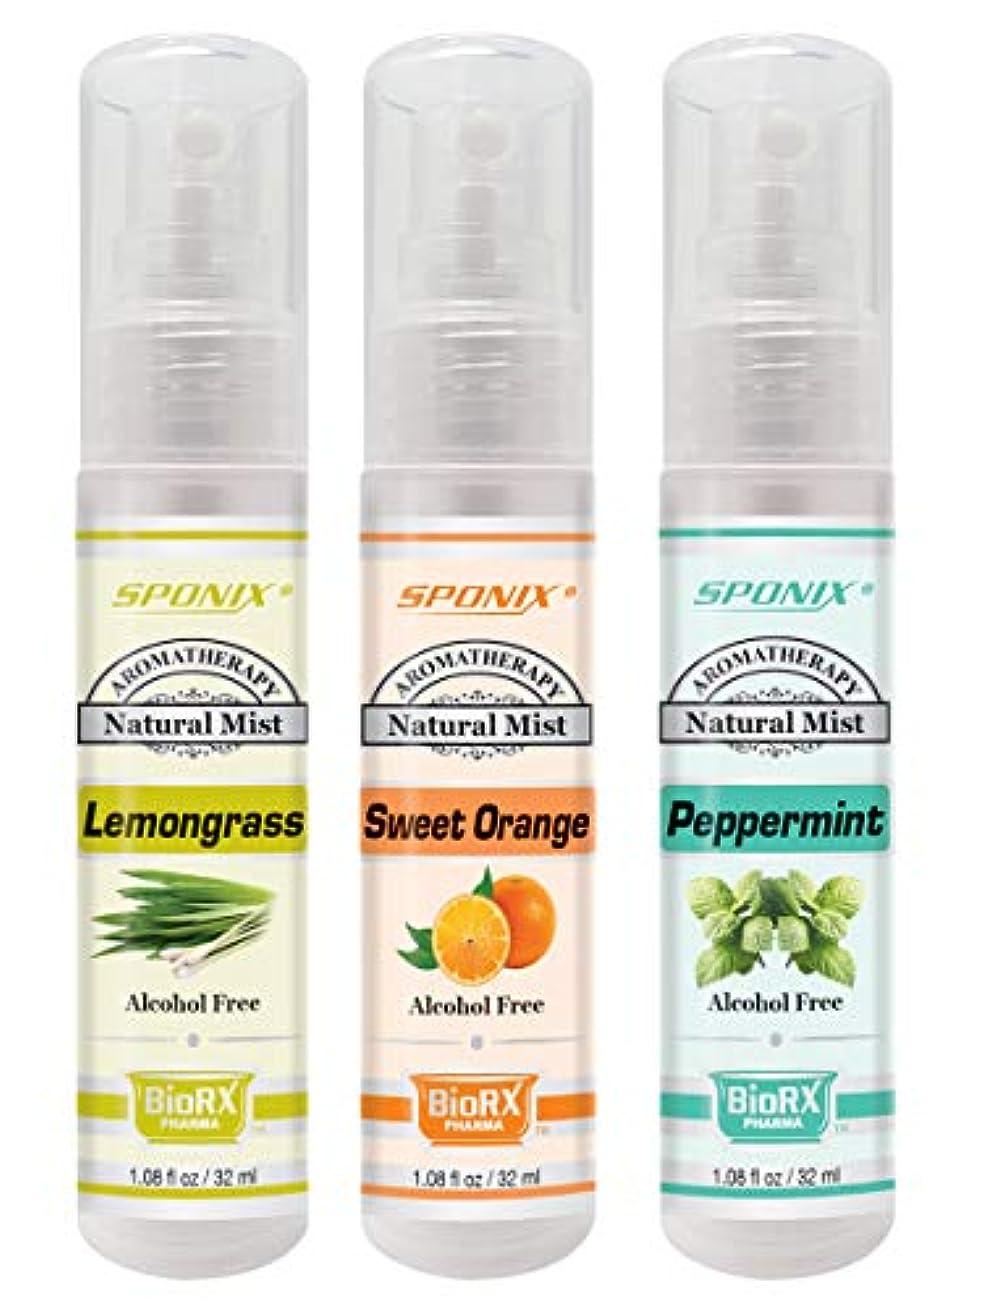 トーンチラチラするブレーキトップアロマテラピーミストセット - ベスト3香料入りミスト - レモングラス、ユーカリ、ペパーミント - アルコールフリー1ポンドスポンジ